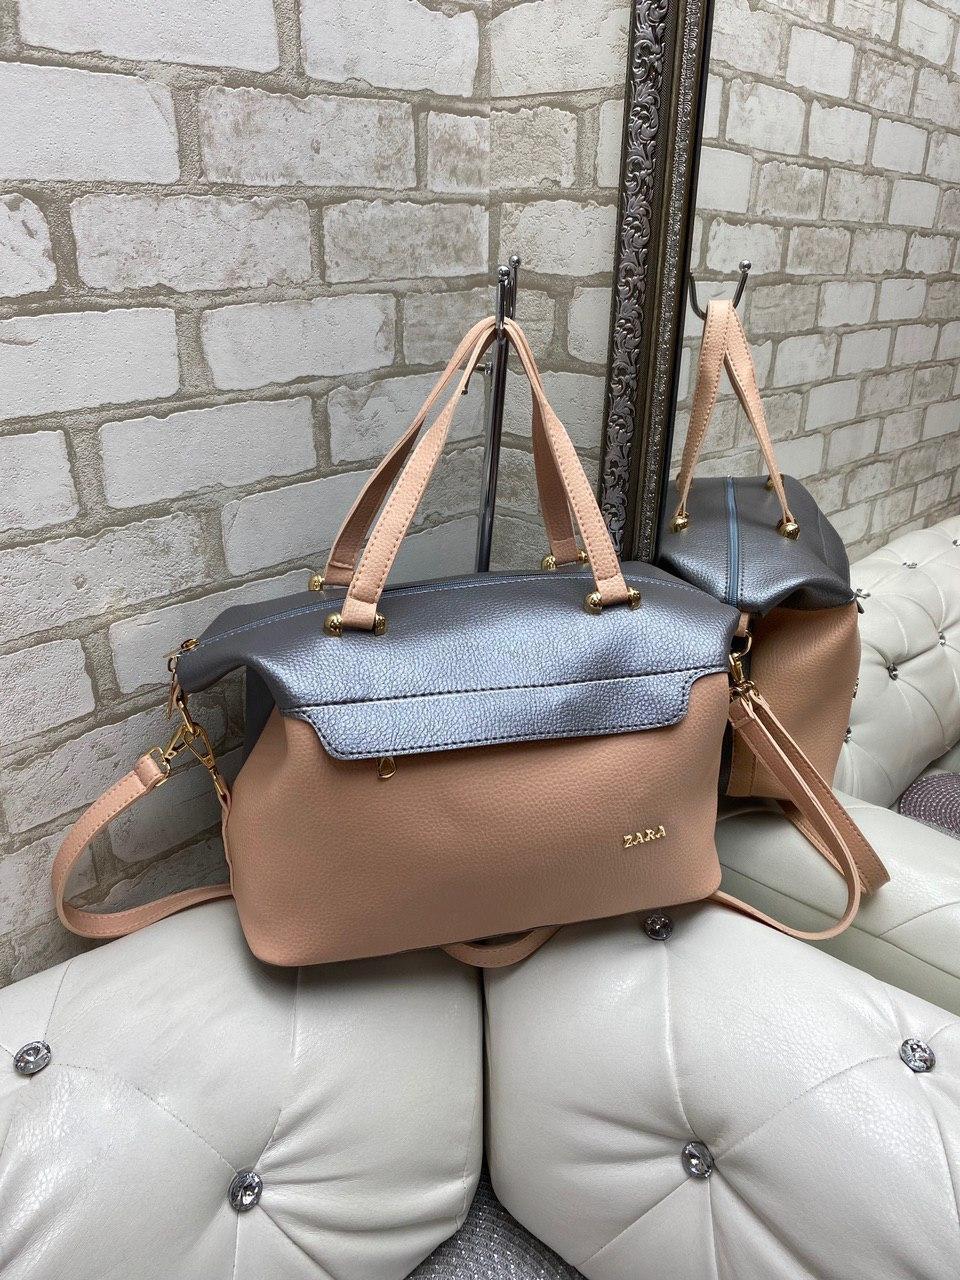 Большая женская сумка на плечо  графит пудра модная городская саквояж шоппер брендовая кожзам